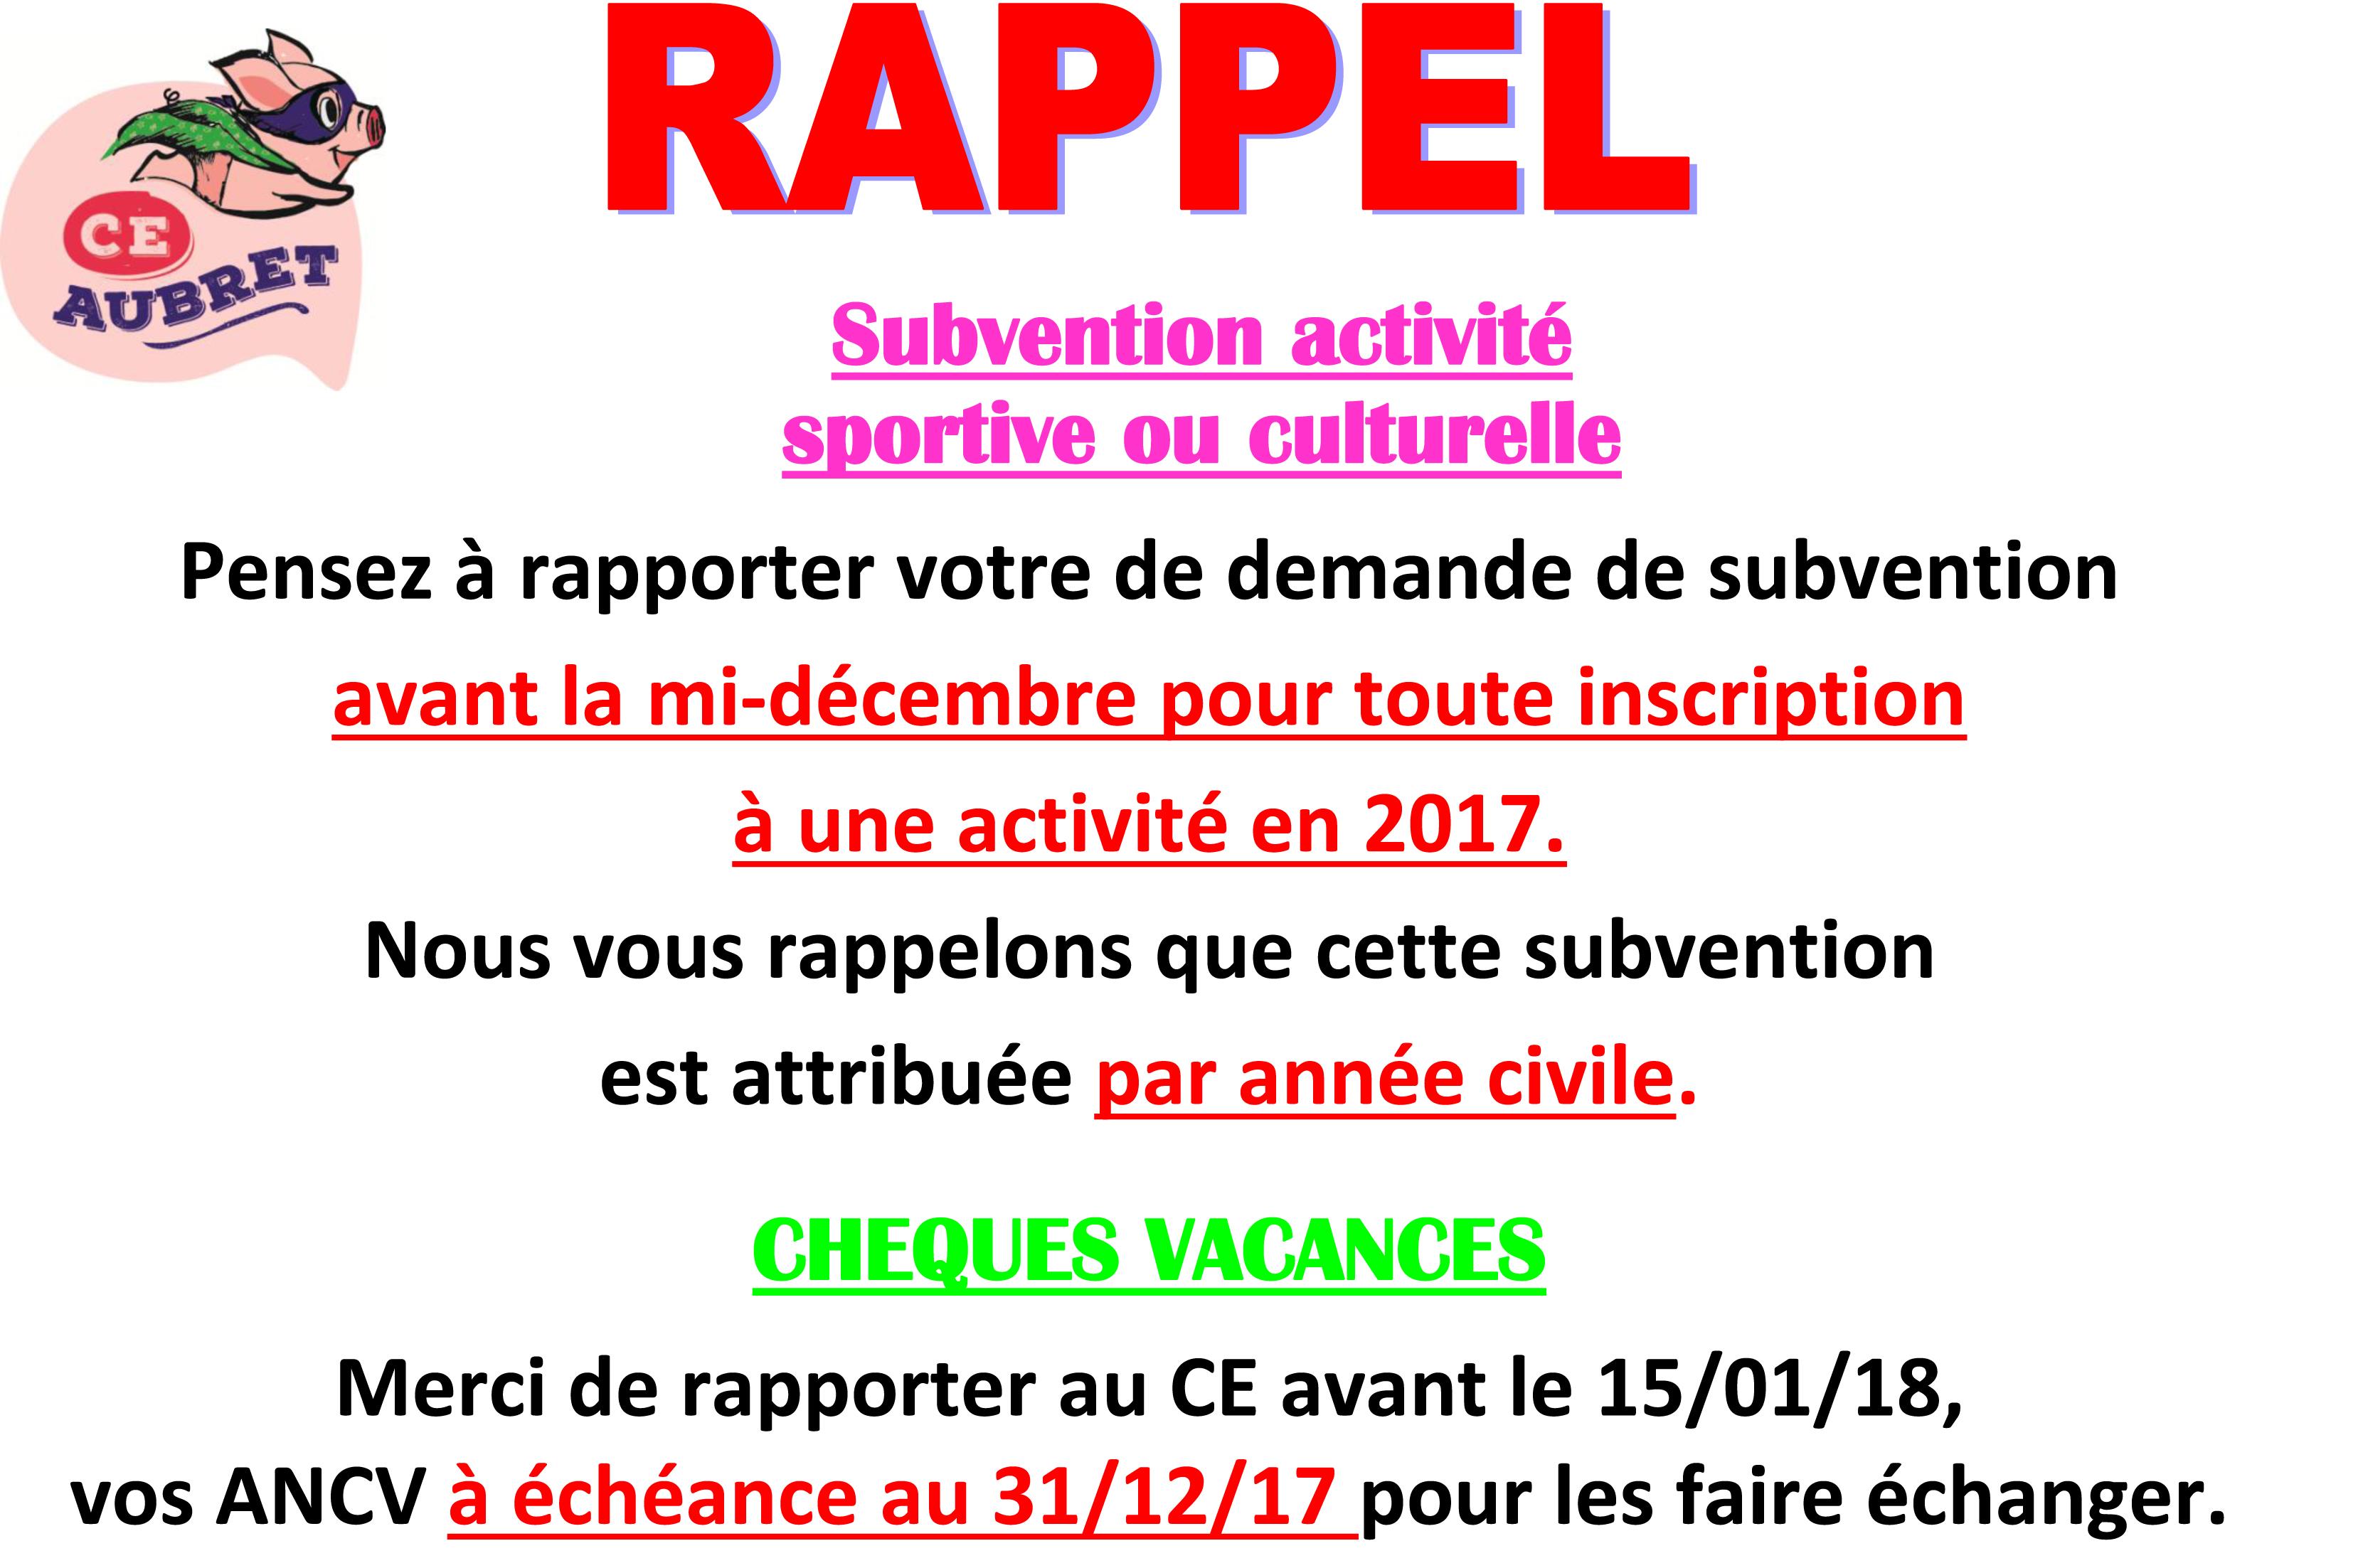 RAPPEL Subvention activité